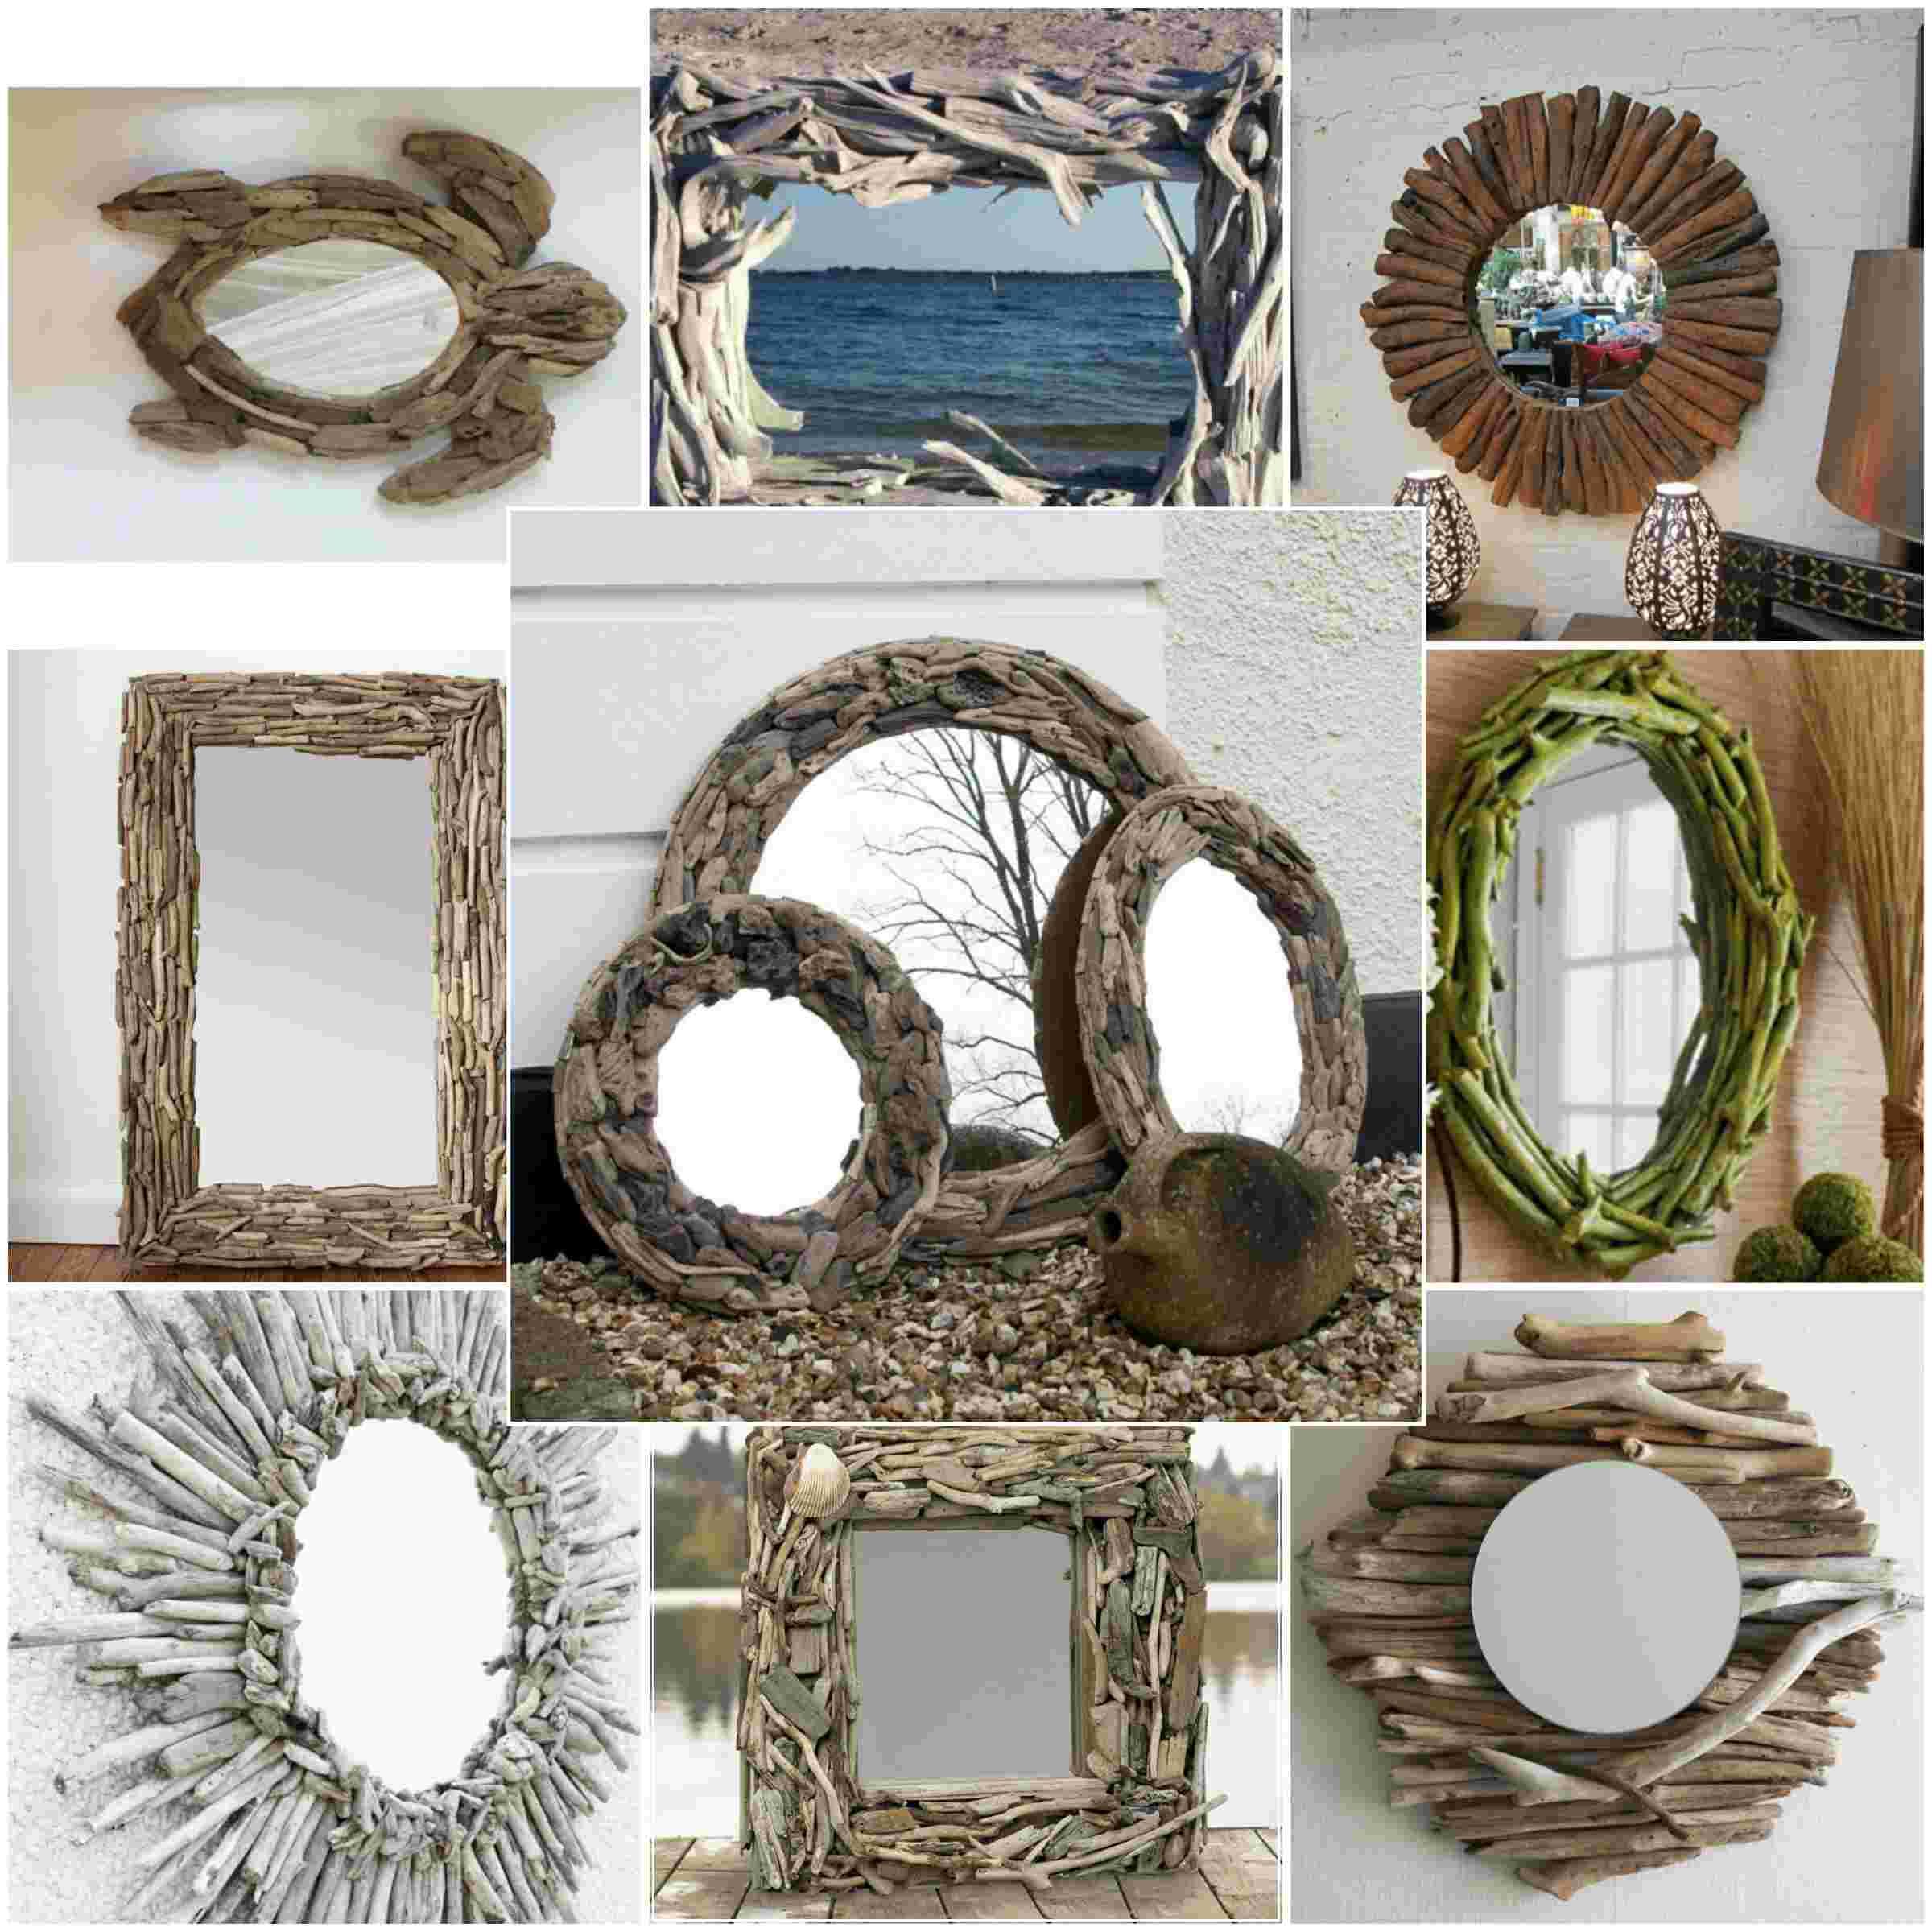 37 καταπληκτικές Diy ιδέες καθρέφτη από θαλασσόξυλα